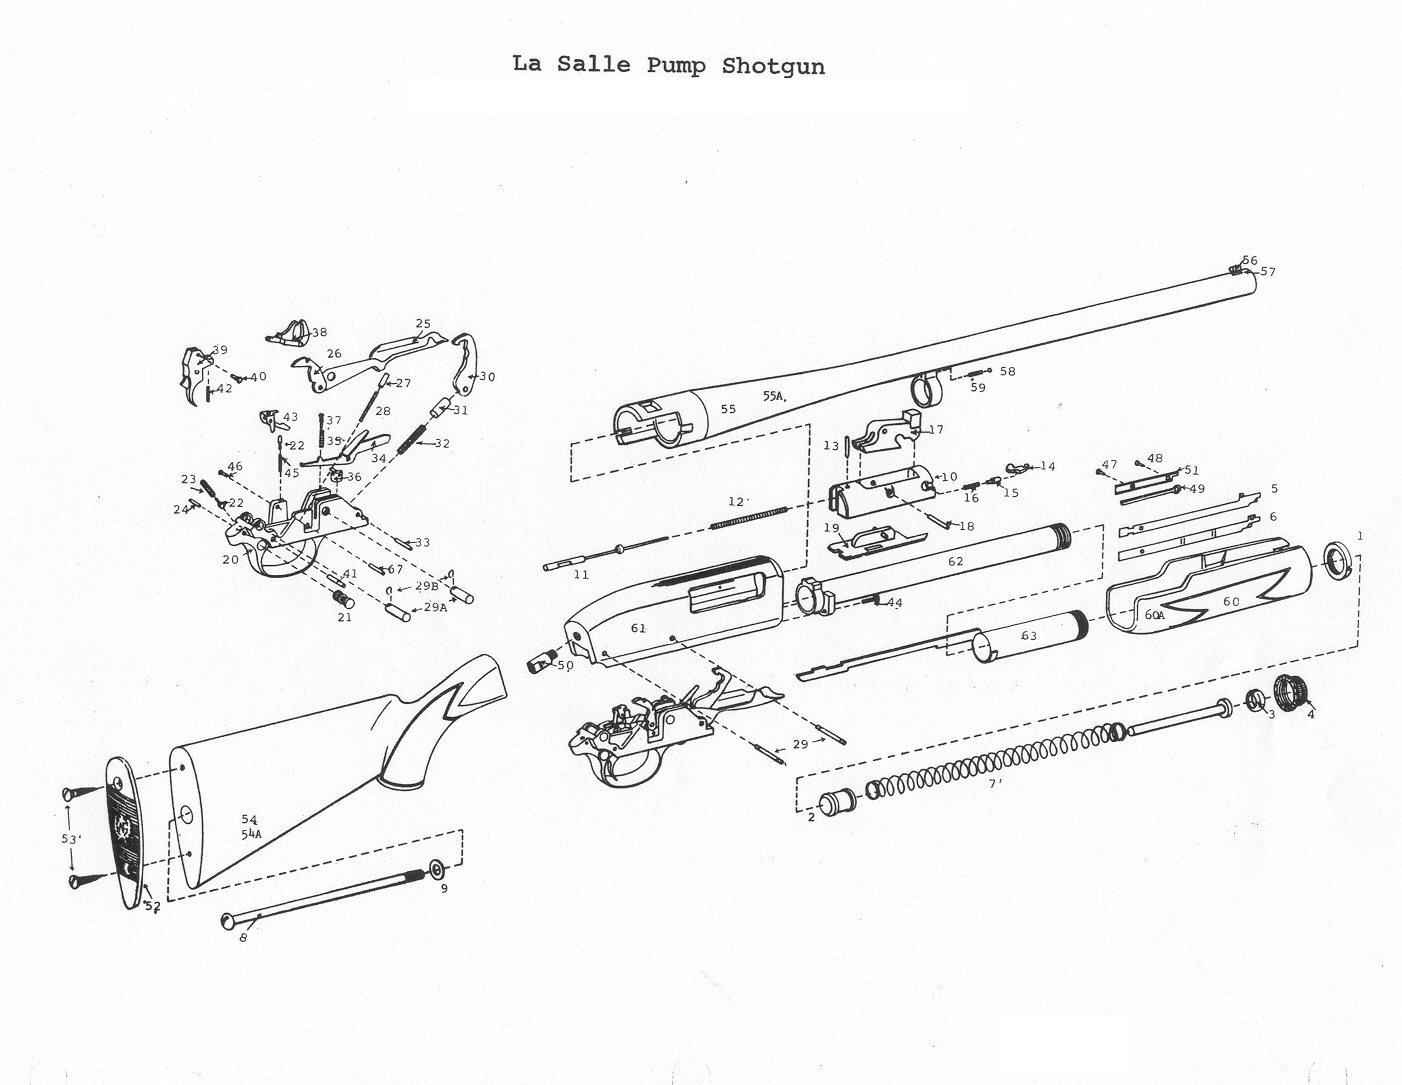 p38 9mm semi automatic pistol parts diagram picture pictures